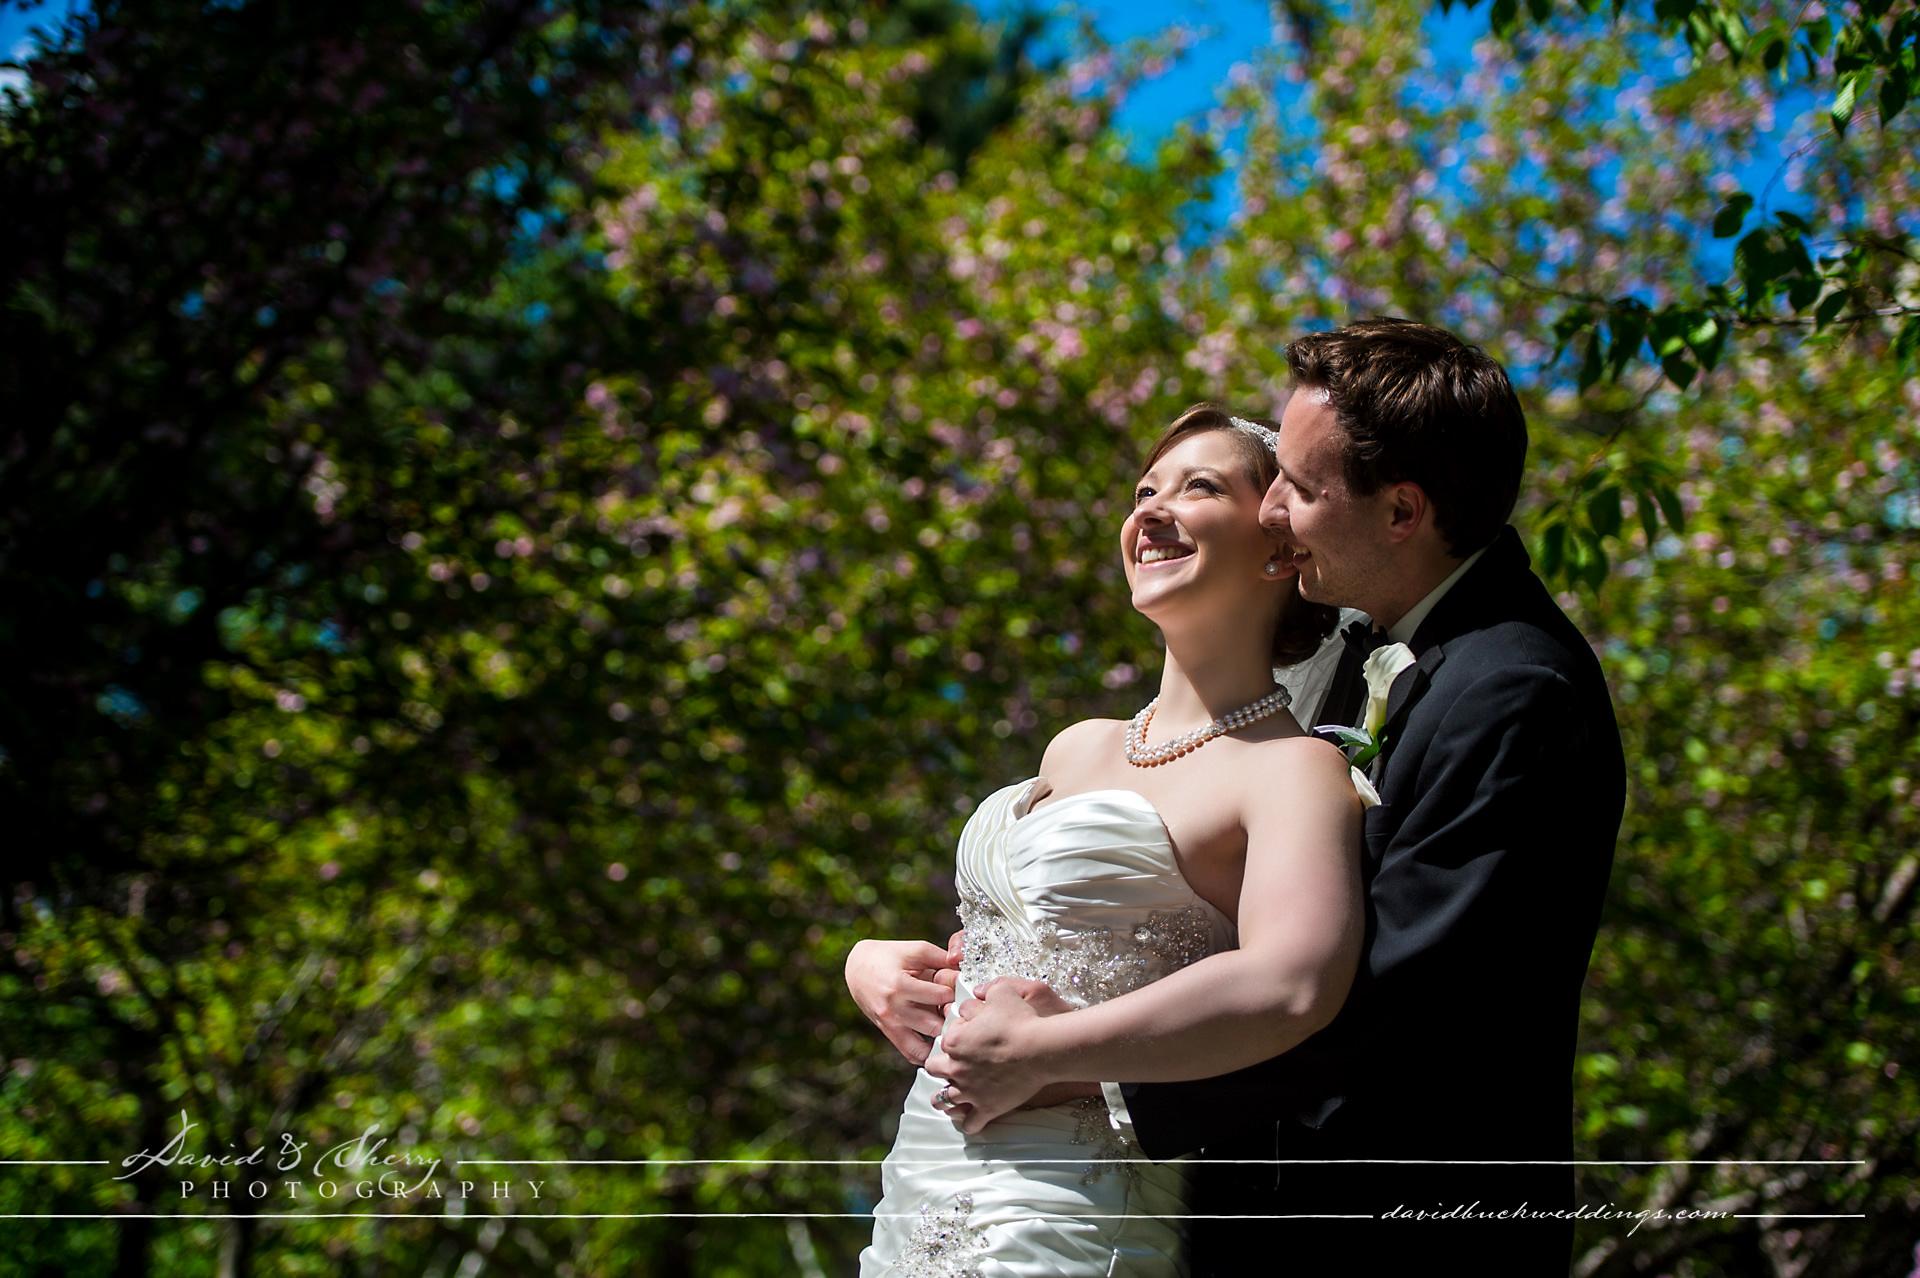 Oakville Mississauga Wedding Photography Steve Amp Carly Blog David Amp Sherry Photography